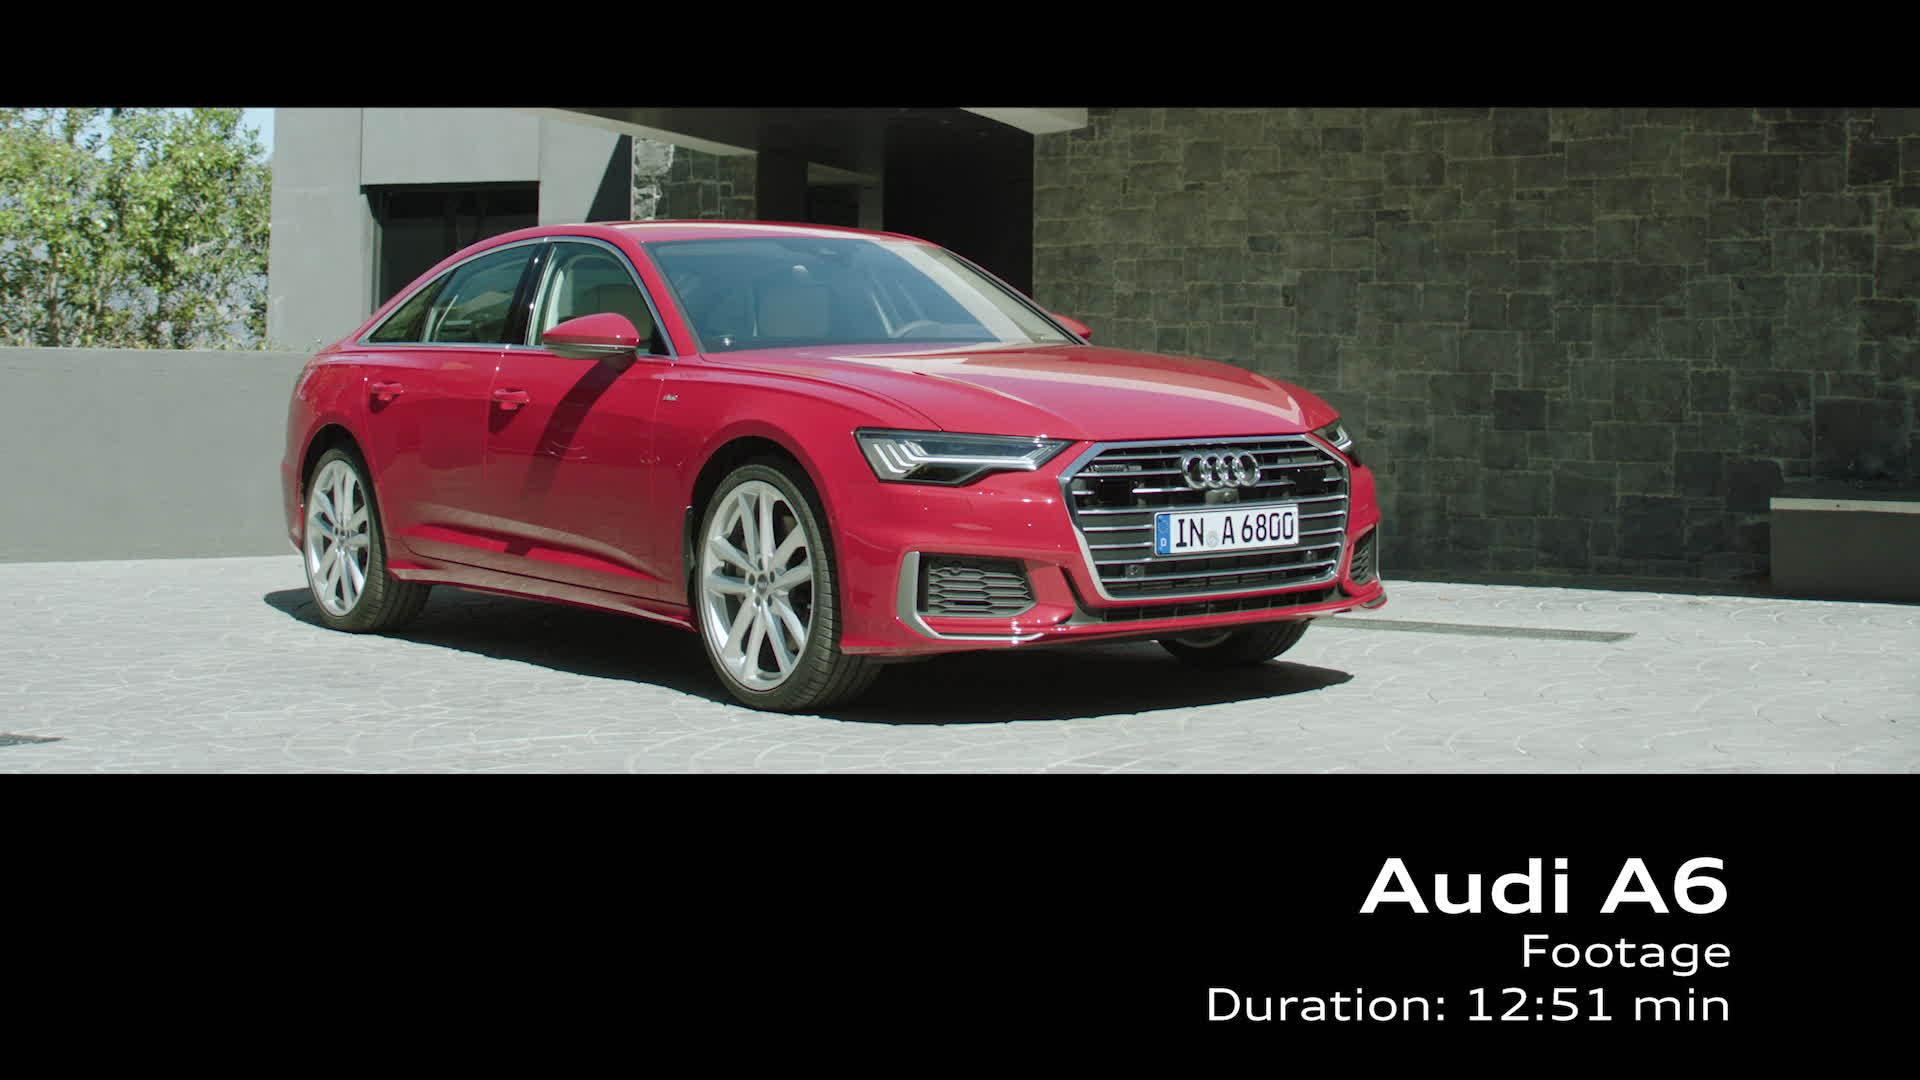 Footage Audi A6 Limousine